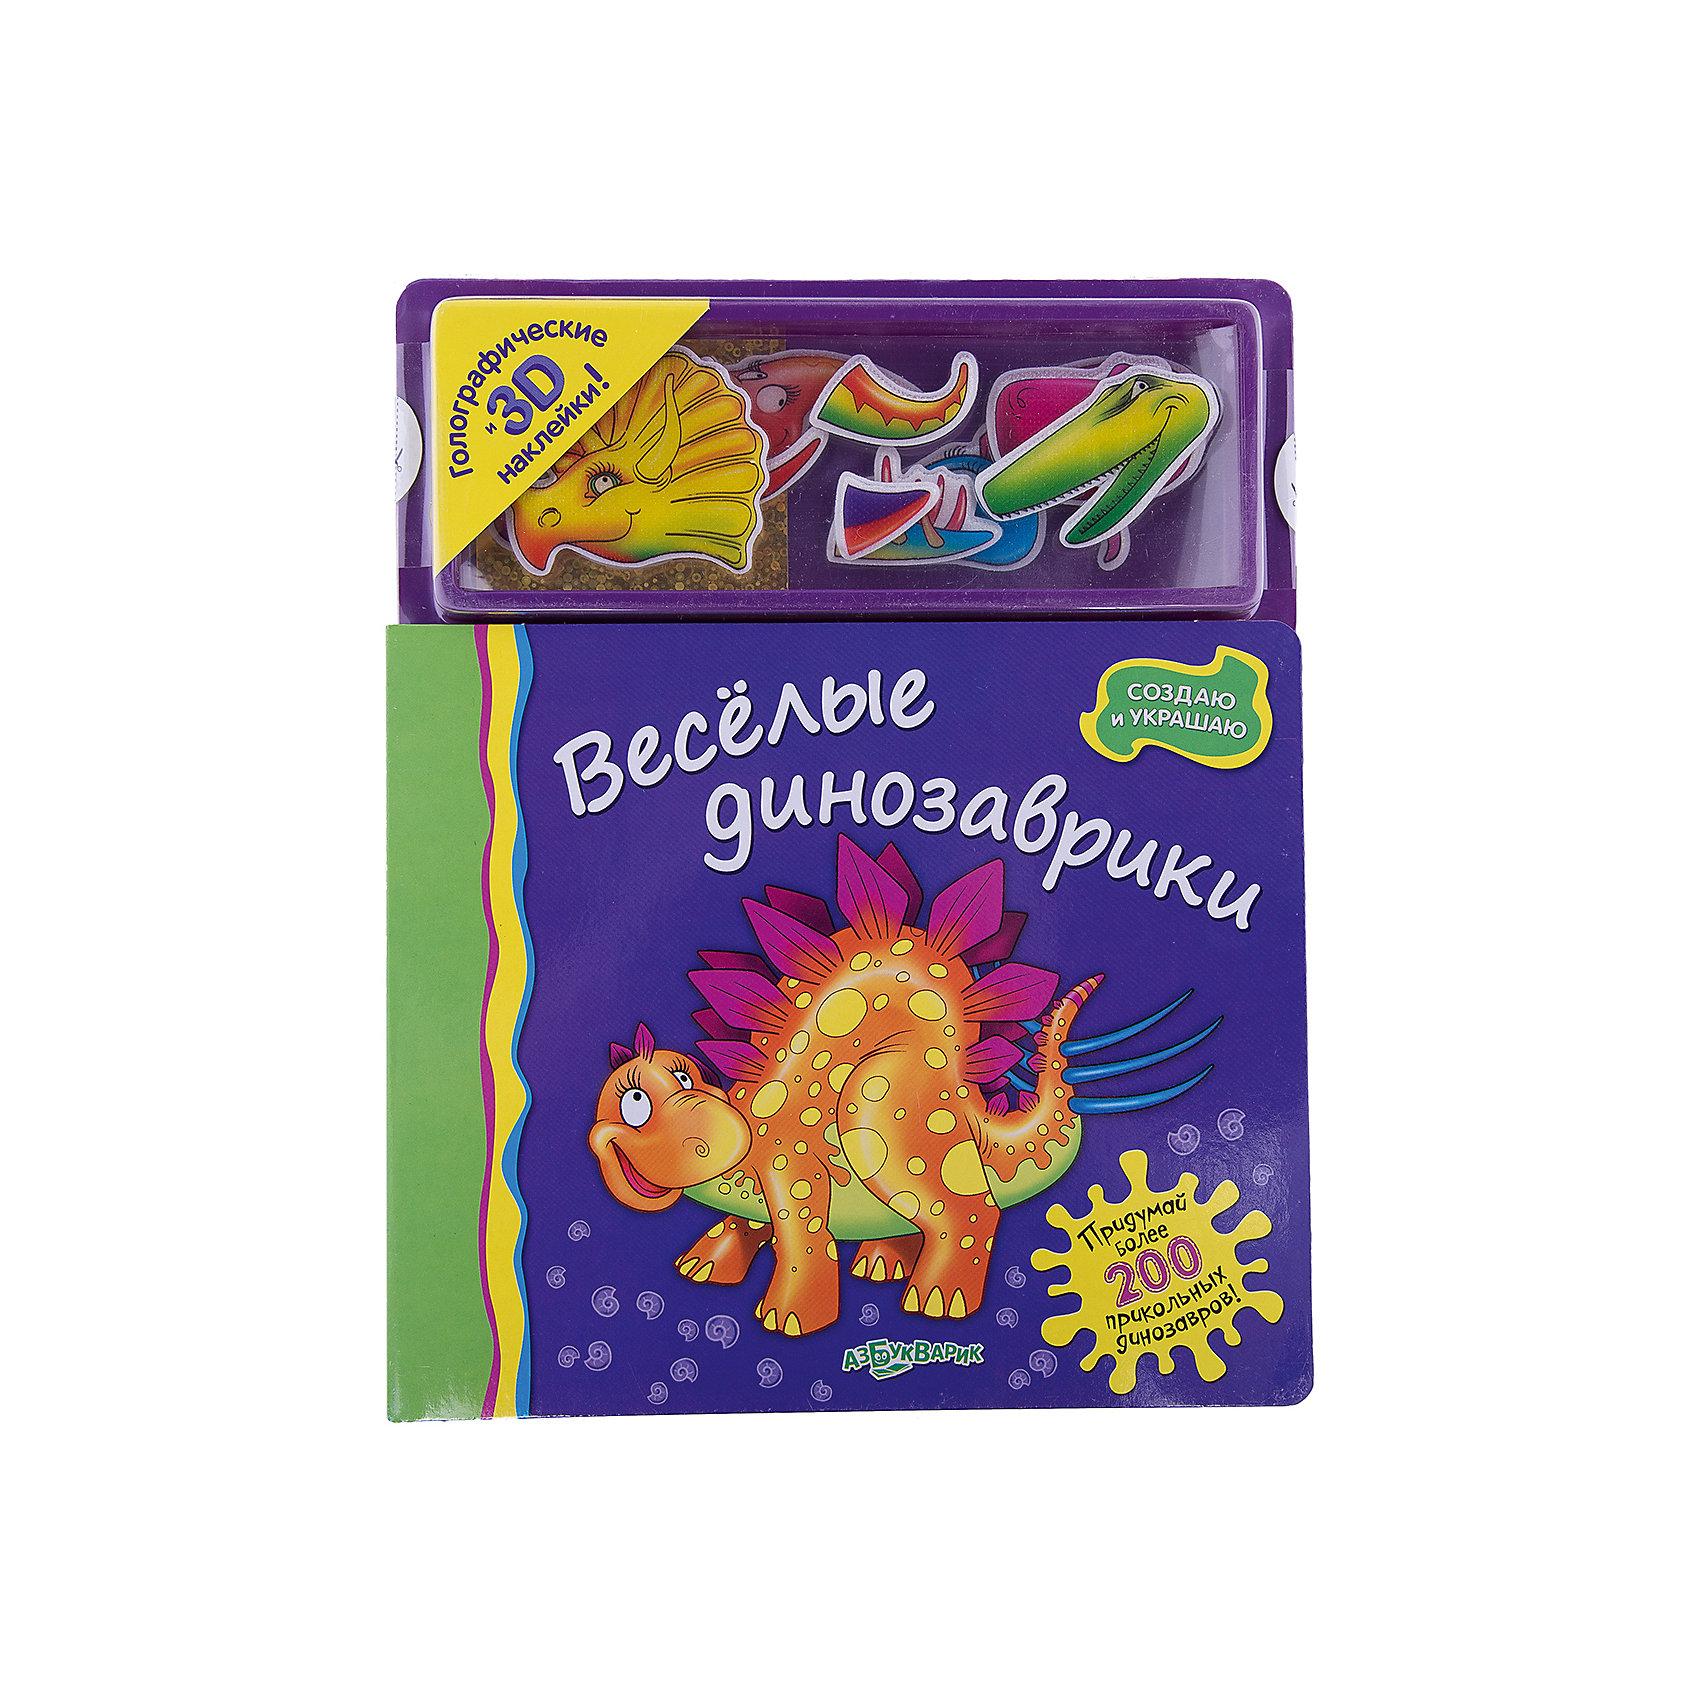 Книга с 3D наклейками Веселые динозаврикиОтправляйся в гости к веселым динозаврам! Рассматривай яркие иллюстрации, играй с многоразовыми наклейками, придумывай новых невероятных животных. Эта книга приведет в восторг любого ребенка и даст юным фантазерам море возможностей для воплощения своих оригинальных идей! <br><br>Дополнительная информация:<br><br>- Формат: 25,5х26 см.<br>- Количество страниц: 12.<br>- Переплет: картон. <br>- Многоразовые голографические наклейки. <br><br>Книгу с 3D наклейками Веселые динозаврики можно купить в нашем магазине.<br><br>Ширина мм: 25<br>Глубина мм: 26<br>Высота мм: 25<br>Вес г: 348<br>Возраст от месяцев: 24<br>Возраст до месяцев: 48<br>Пол: Унисекс<br>Возраст: Детский<br>SKU: 4951831